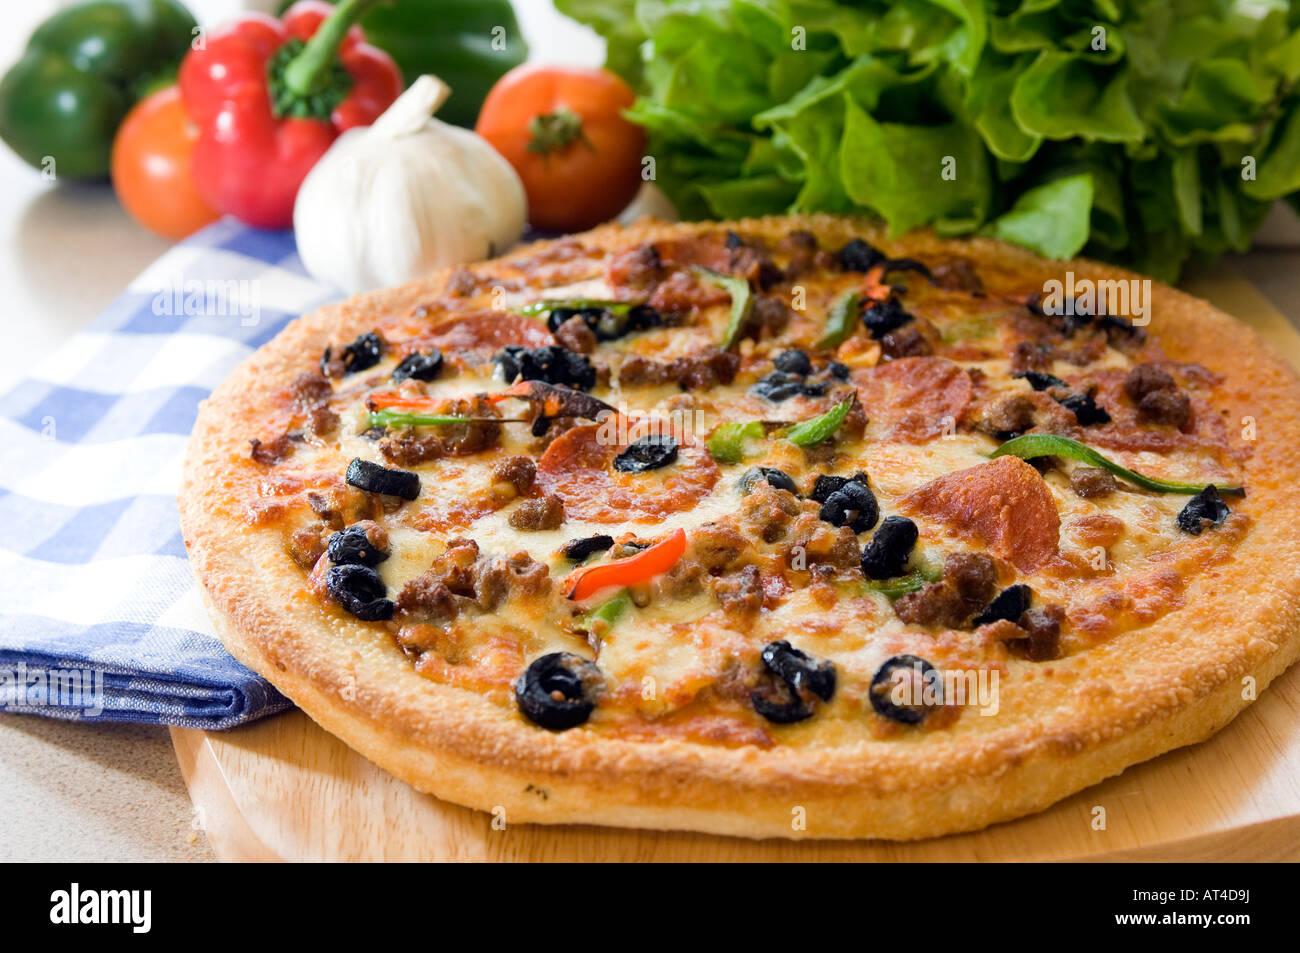 Une pizza chaude présentée avec des produits frais sur un plateau en bois Photo Stock